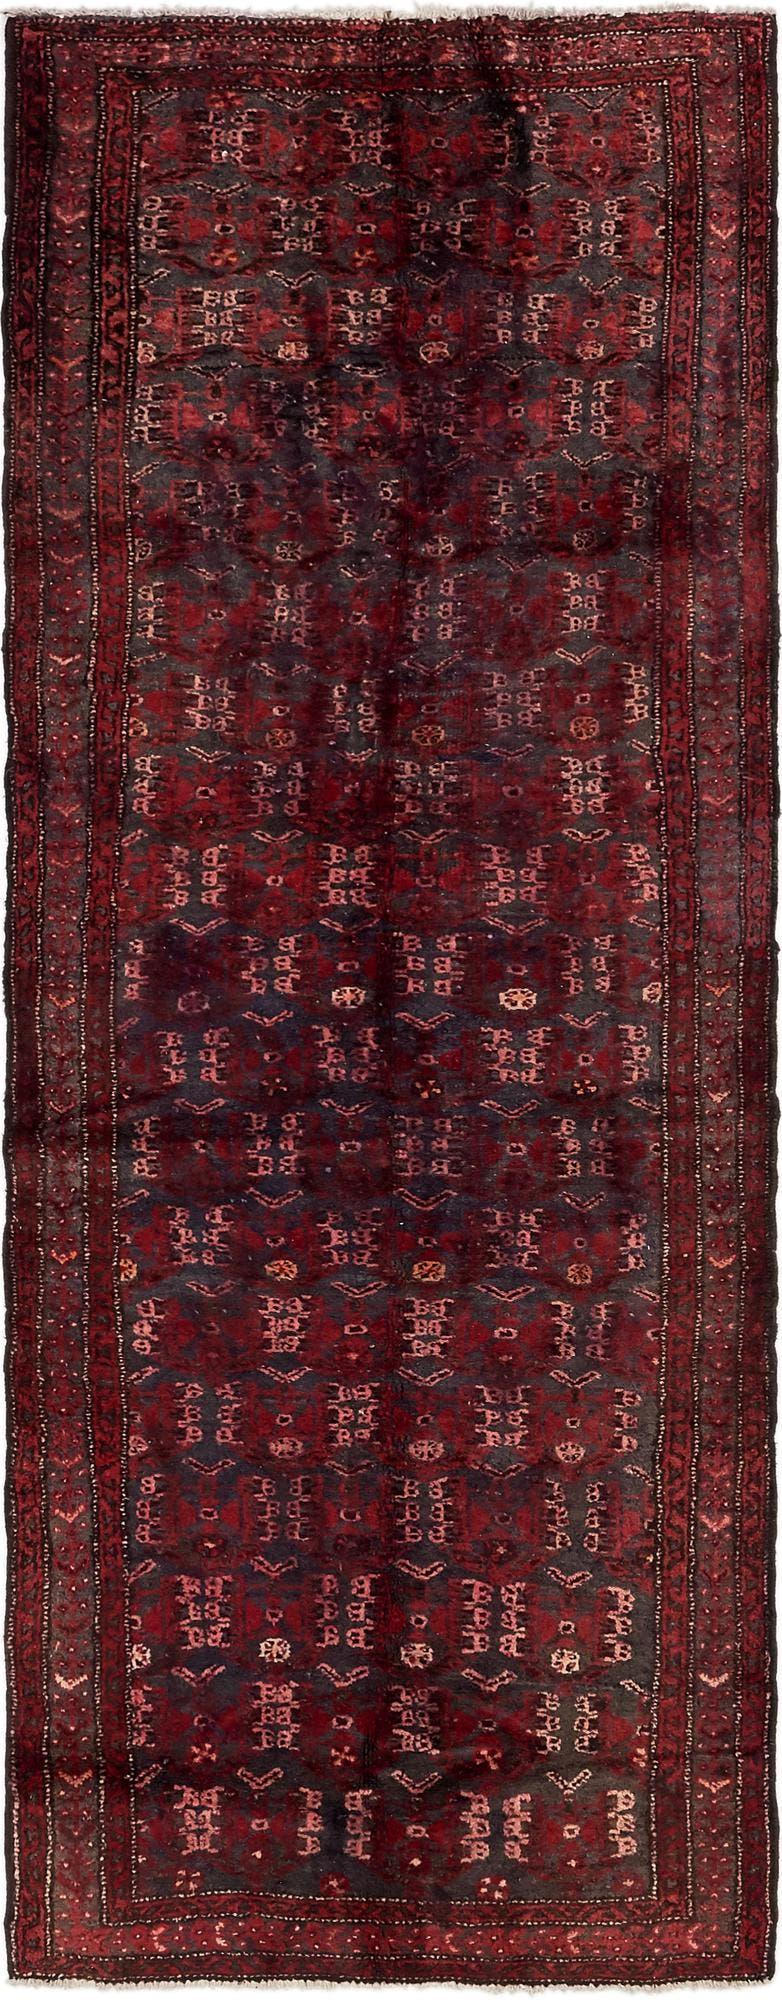 3' 6 x 9' 7 Hamedan Persian Runner Rug main image